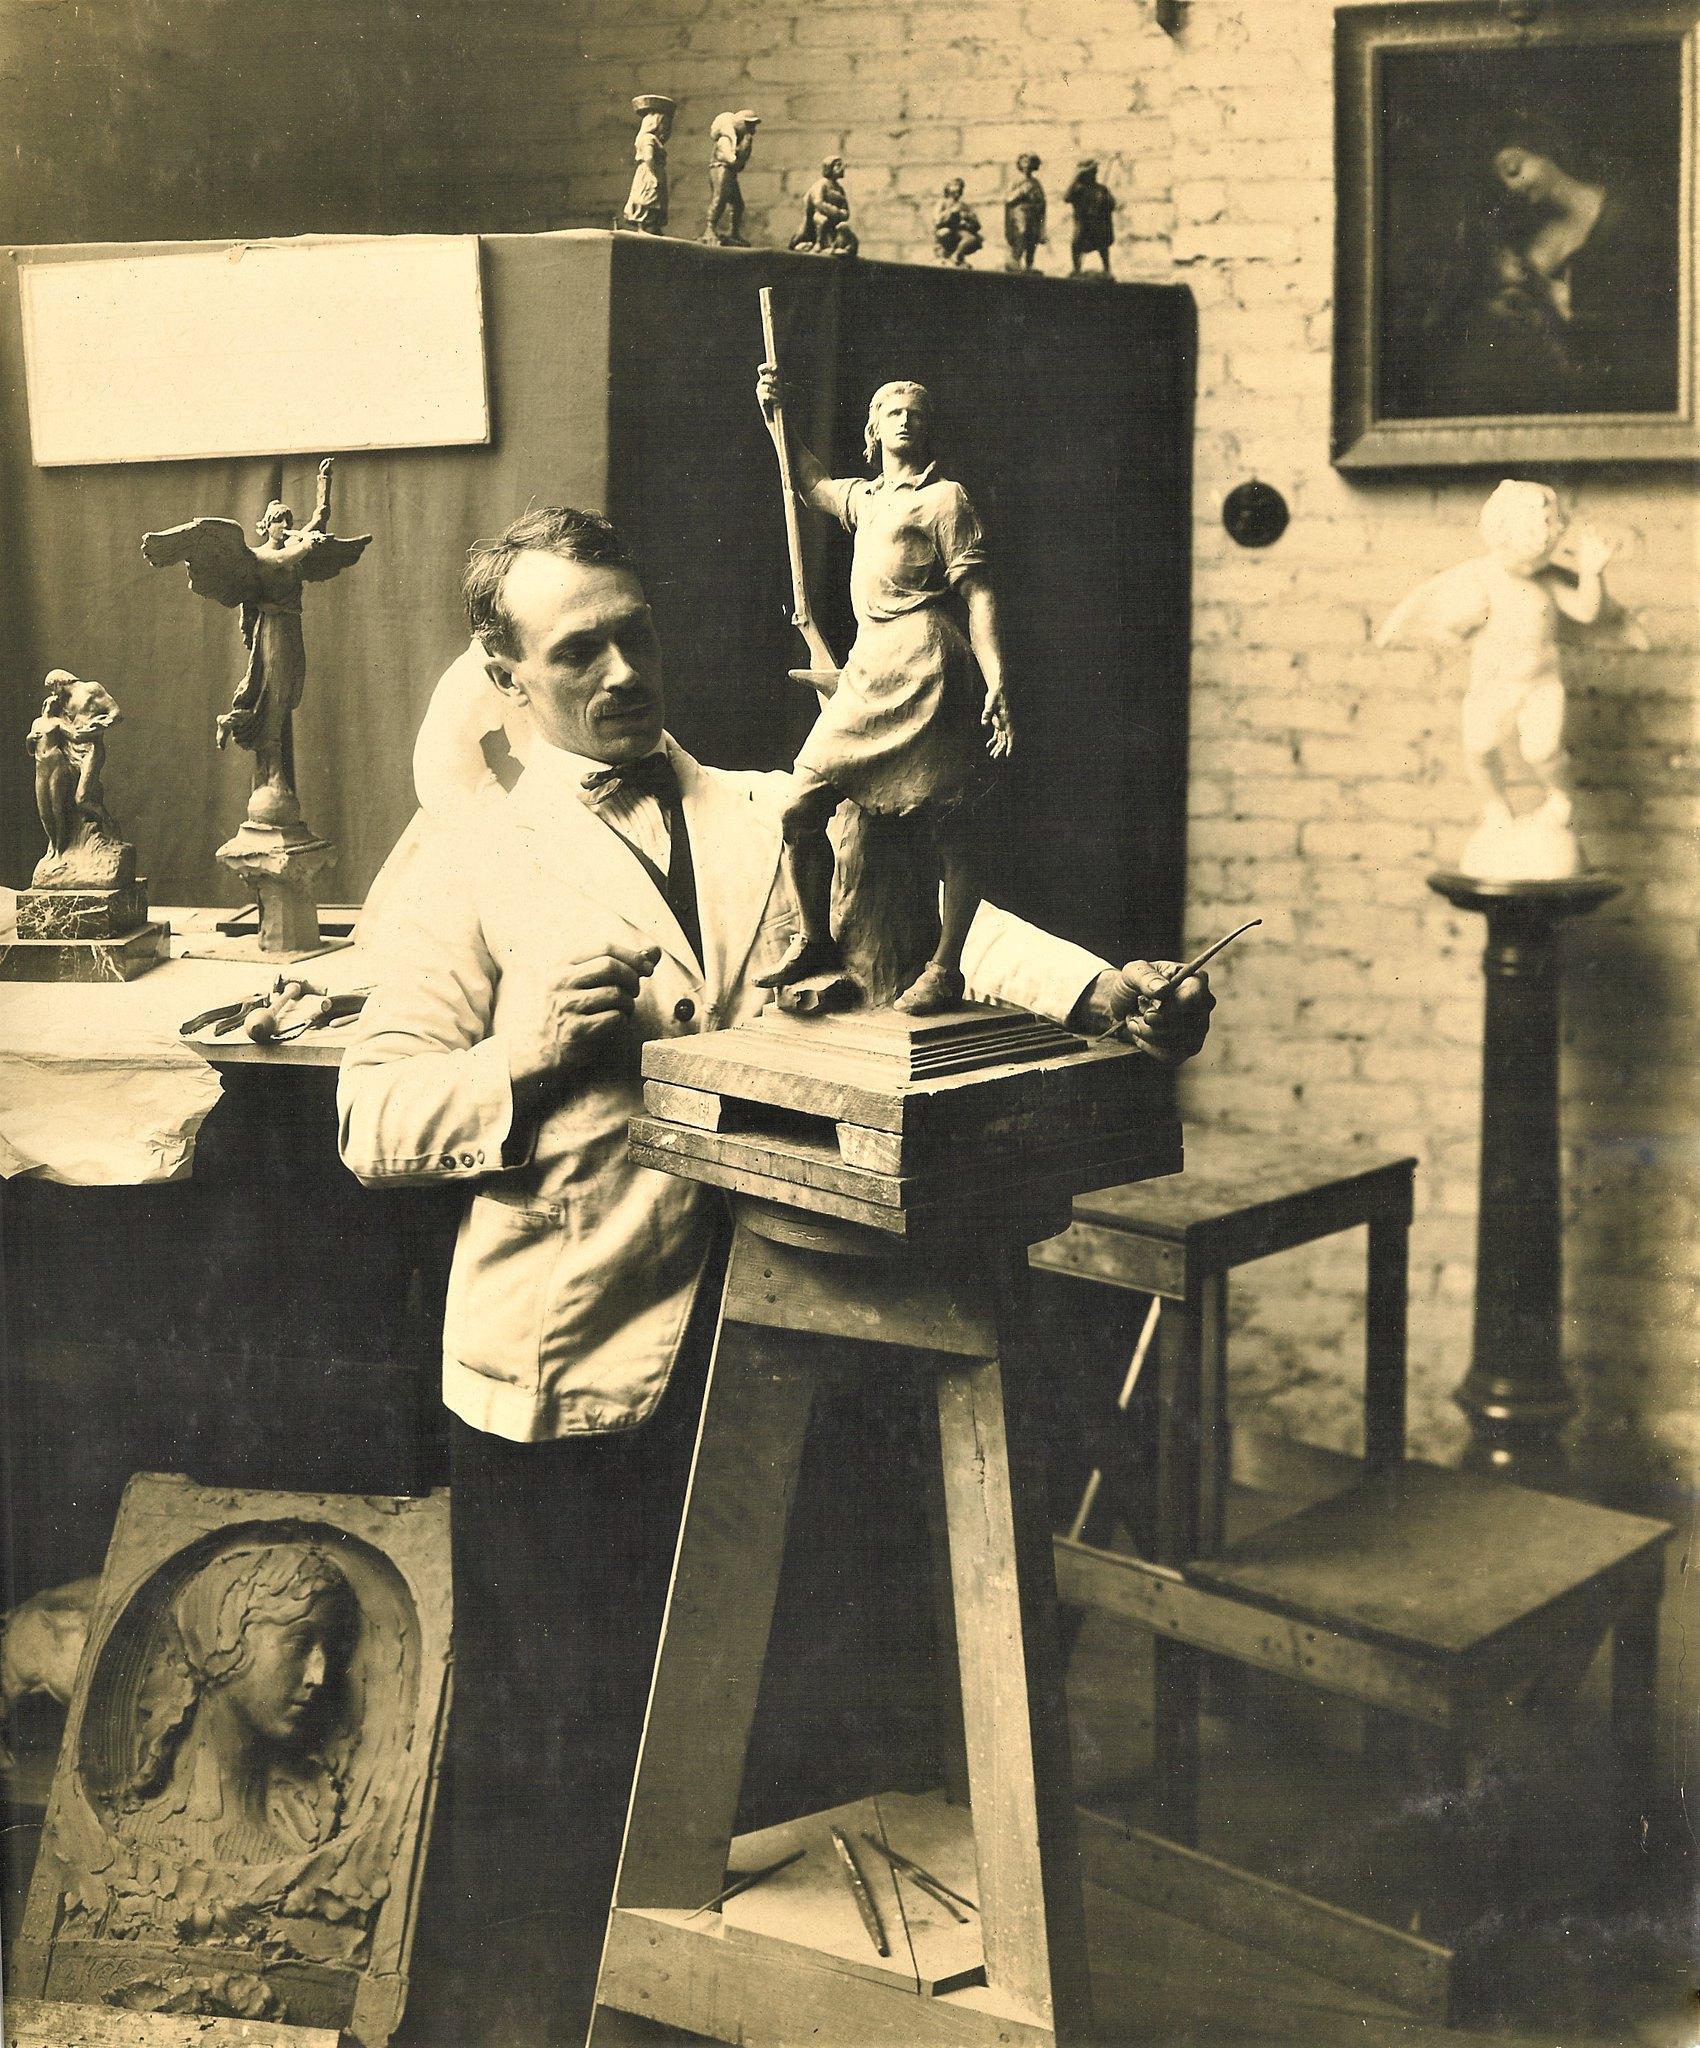 Albin Polasek in studio 1916_6ogp.jpg